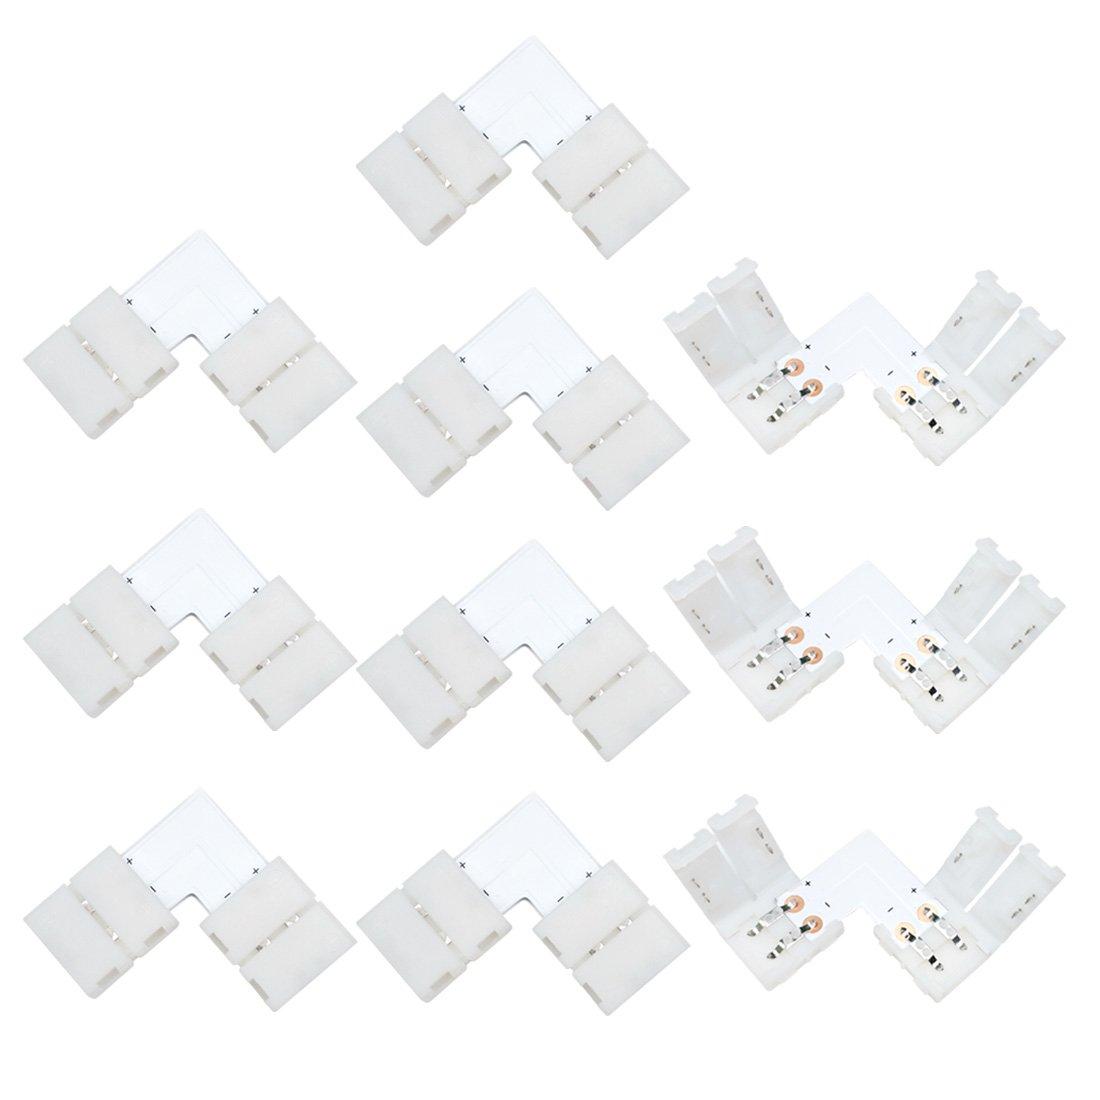 Liwinting 10pcs 2pin L Shape sans soudure Snap down Connecteur de bande LED à 2 broches pour coin angle droit ou 90 angle Tournage Connexion de 10mm Wide SMD 5050 5630 Simple couleur Flex LED Strips, blanc ULC 20